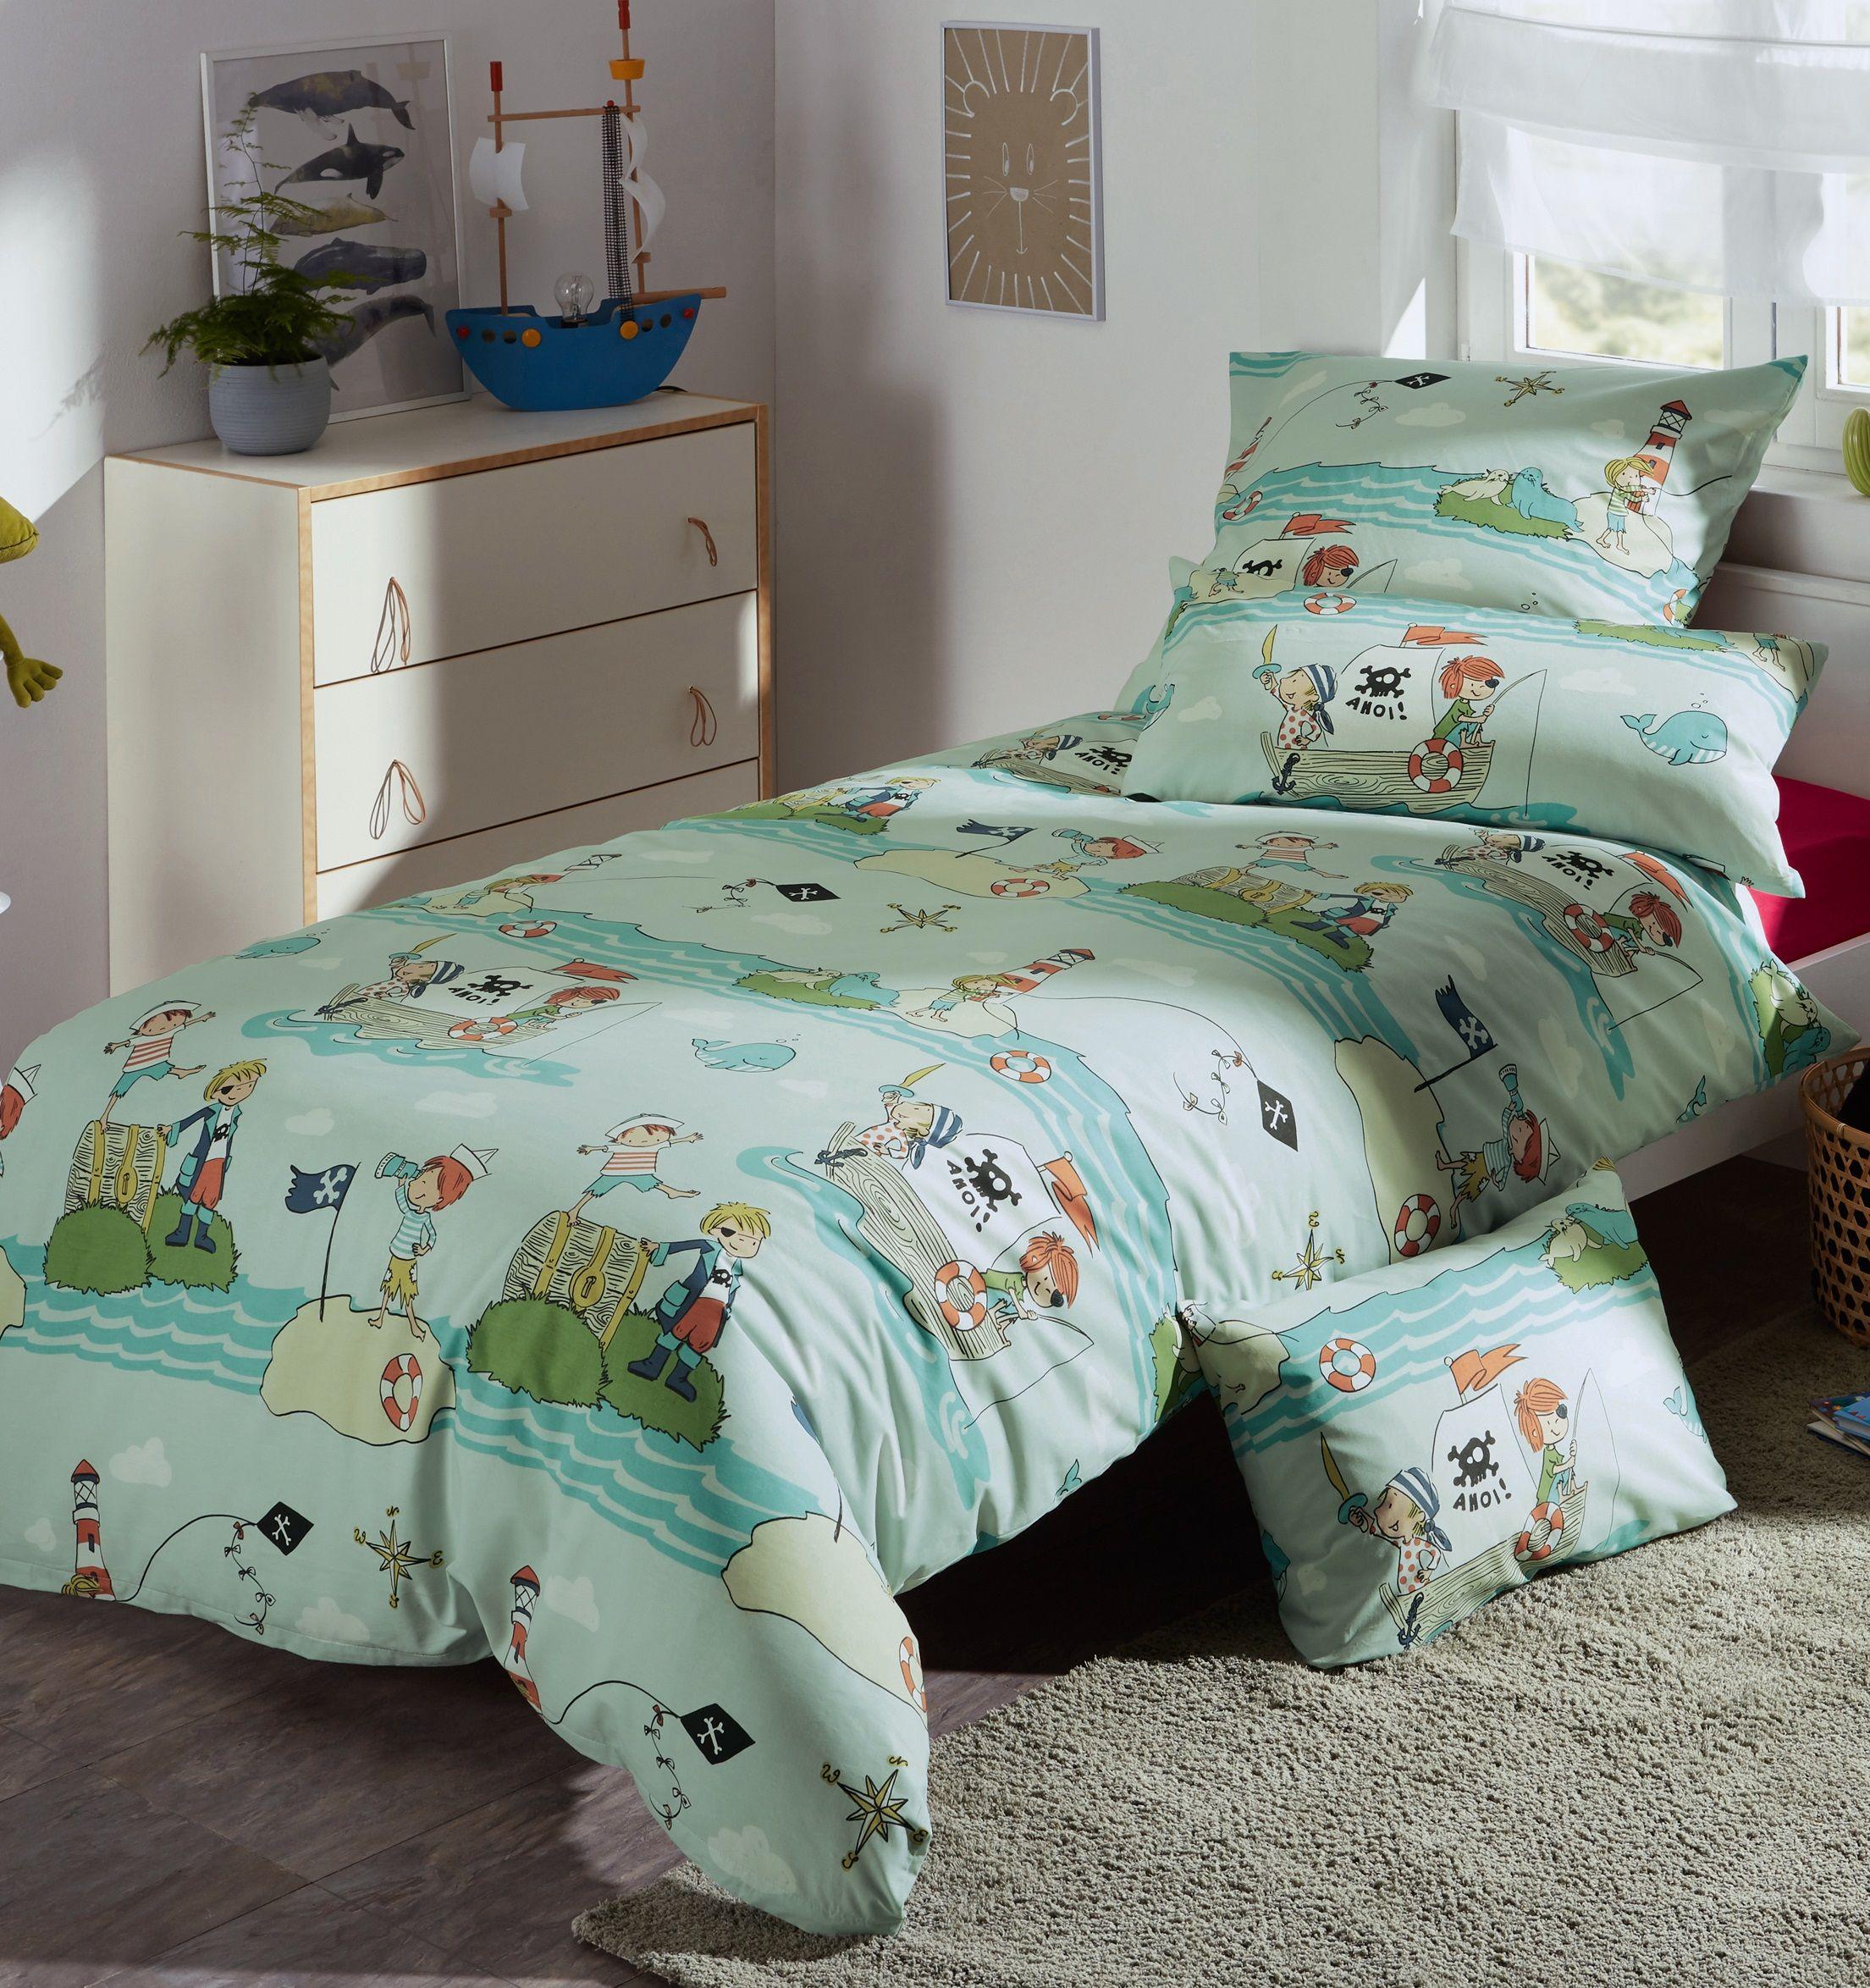 Renforce Kinder Bettwasche In 2020 Kinderbettwasche Bettwasche